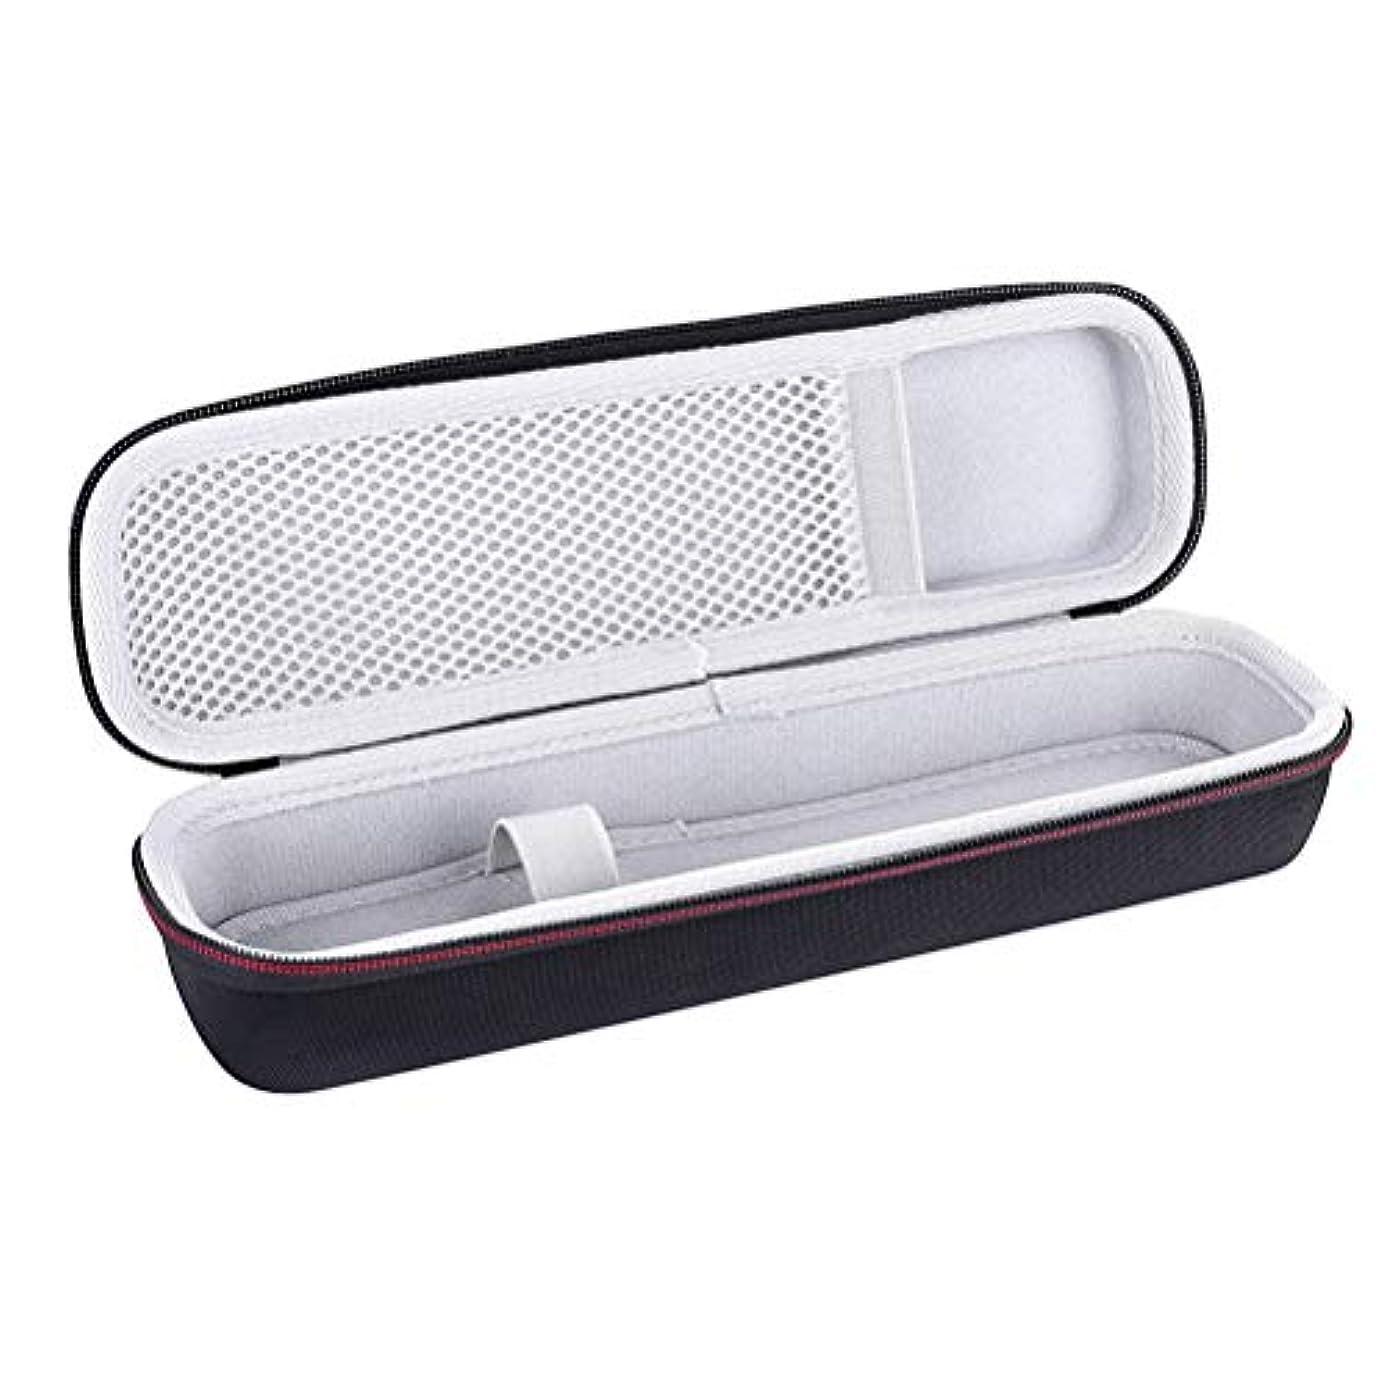 道を作る量で値するHealifty 電動歯ブラシケースポータブル圧縮抵抗保護歯ブラシ収納ケース屋外旅行用